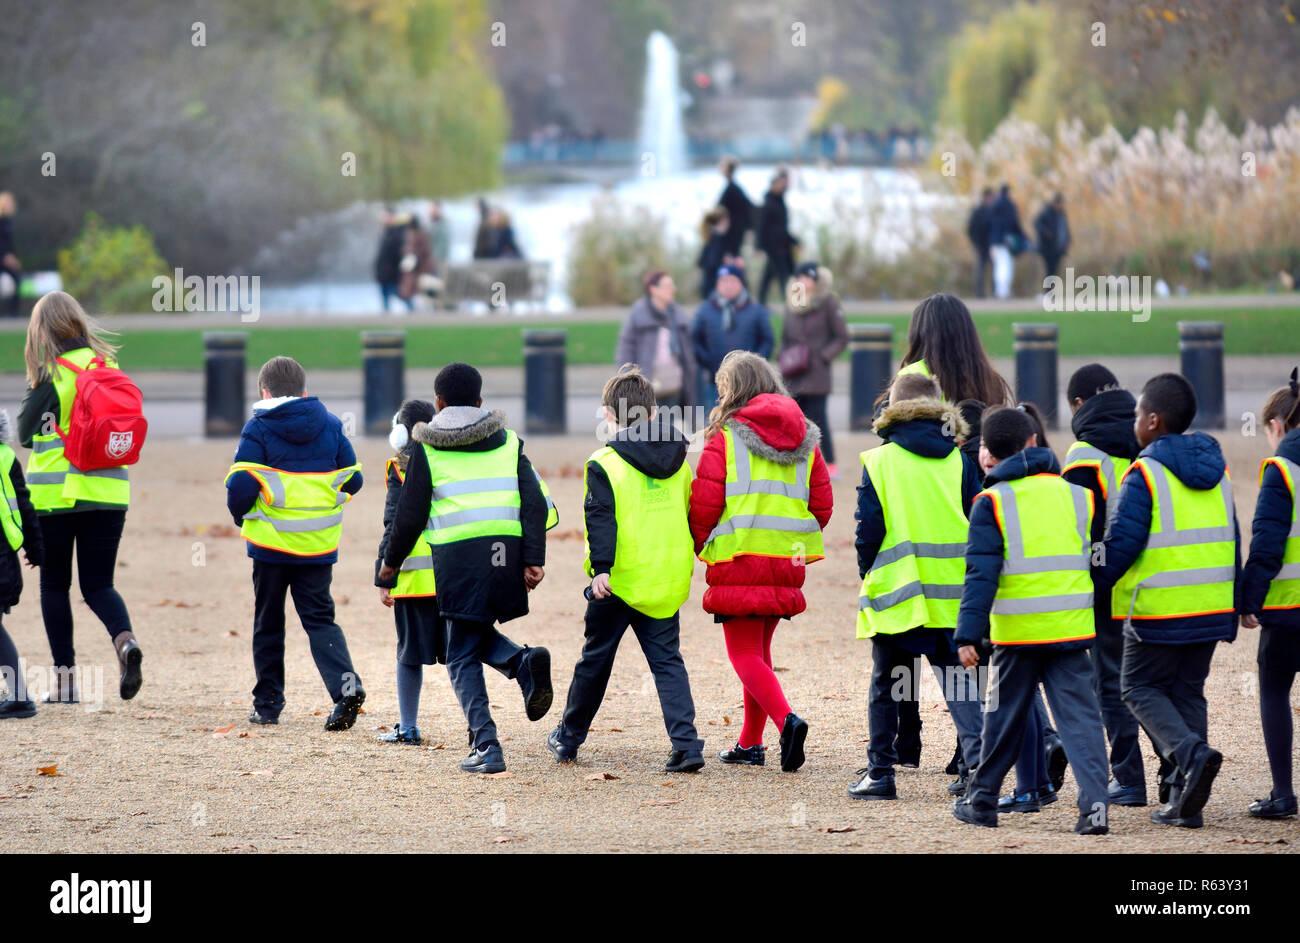 Los niños de escuela primaria en hi vis antibalas en una excursión escolar en desfile de guardias a caballo, en el centro de Londres, Inglaterra, Reino Unido. Imagen De Stock